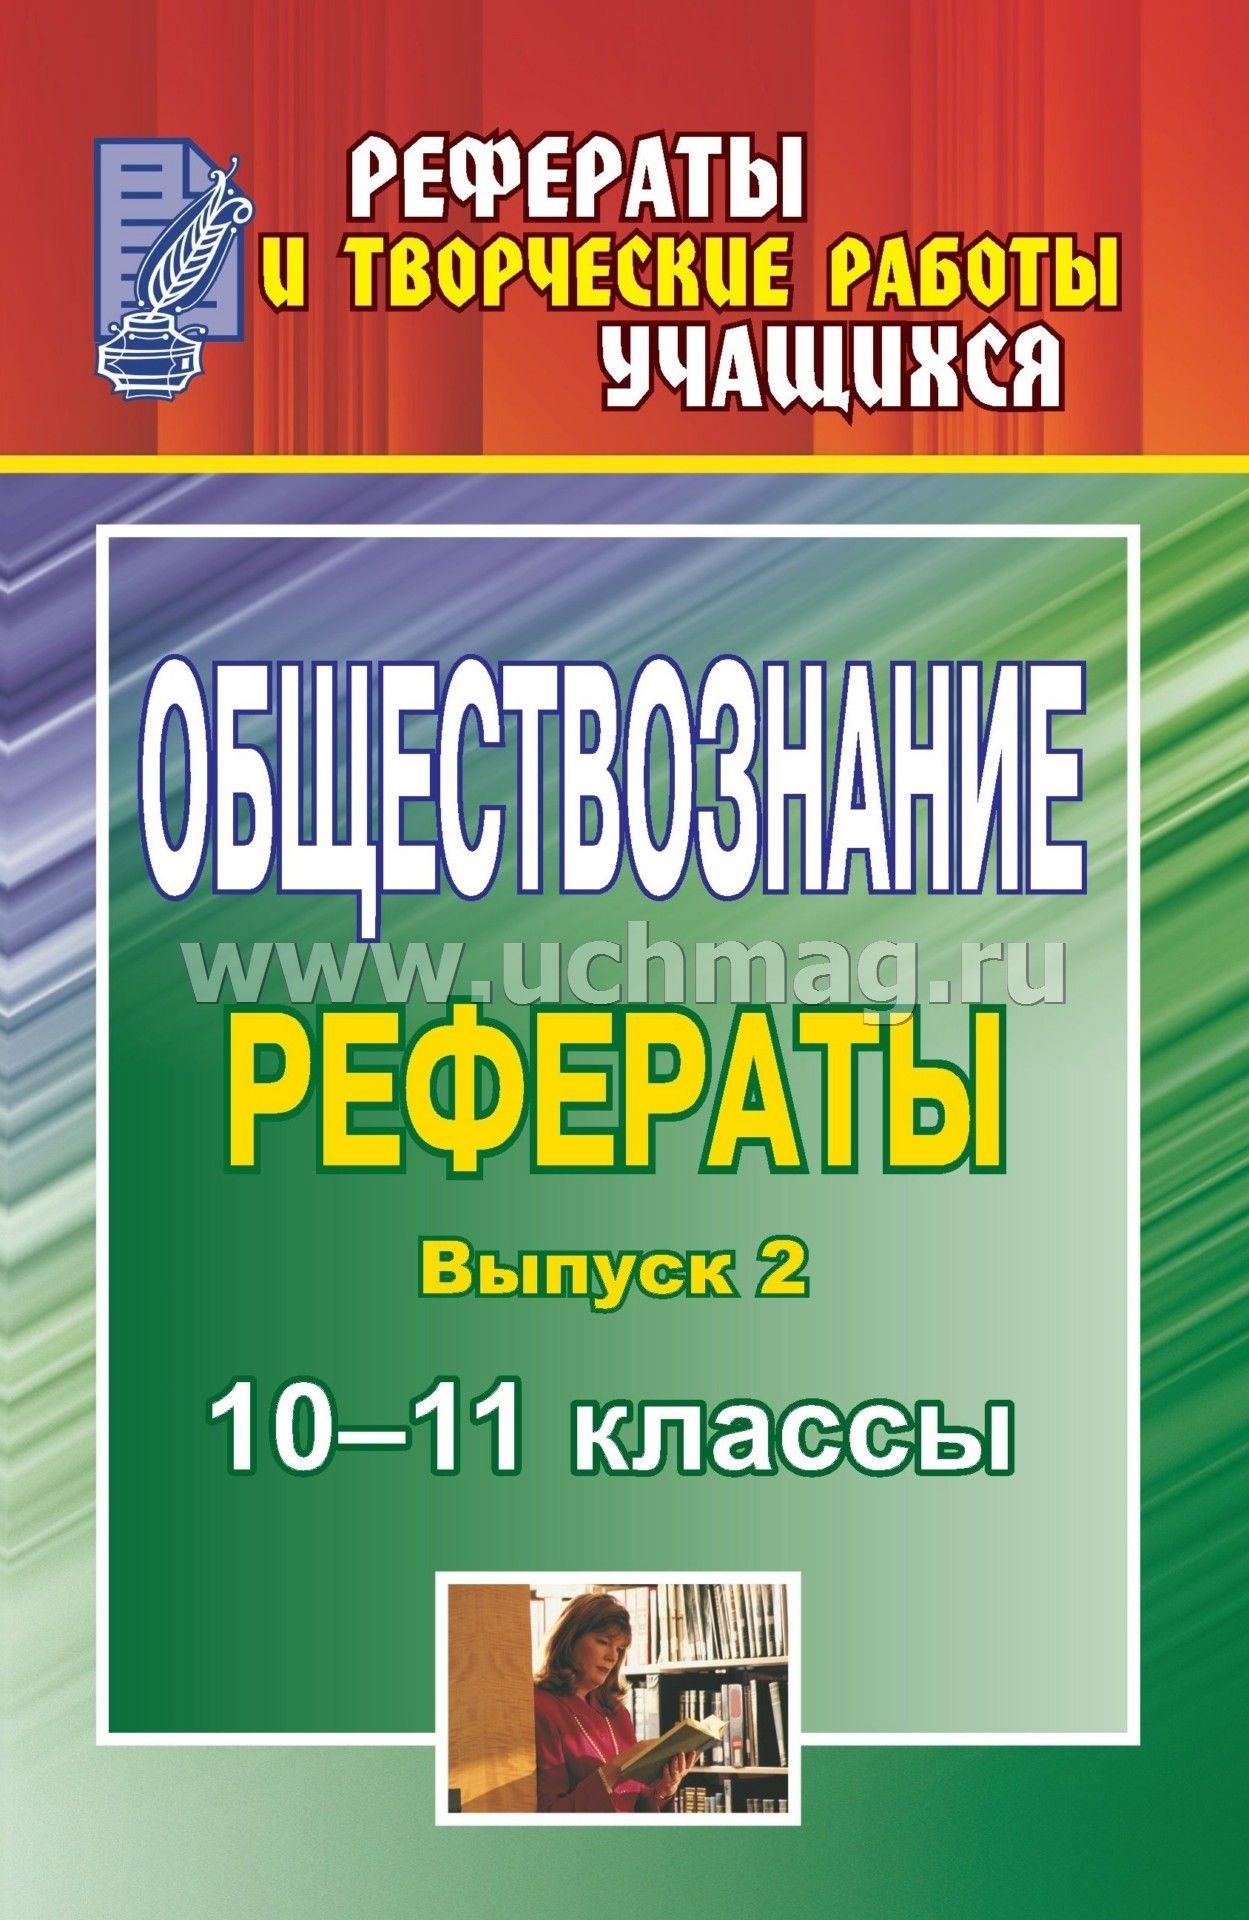 Обществознание классы рефераты Вып купить в  Обществознание 10 11 классы рефераты Вып 2